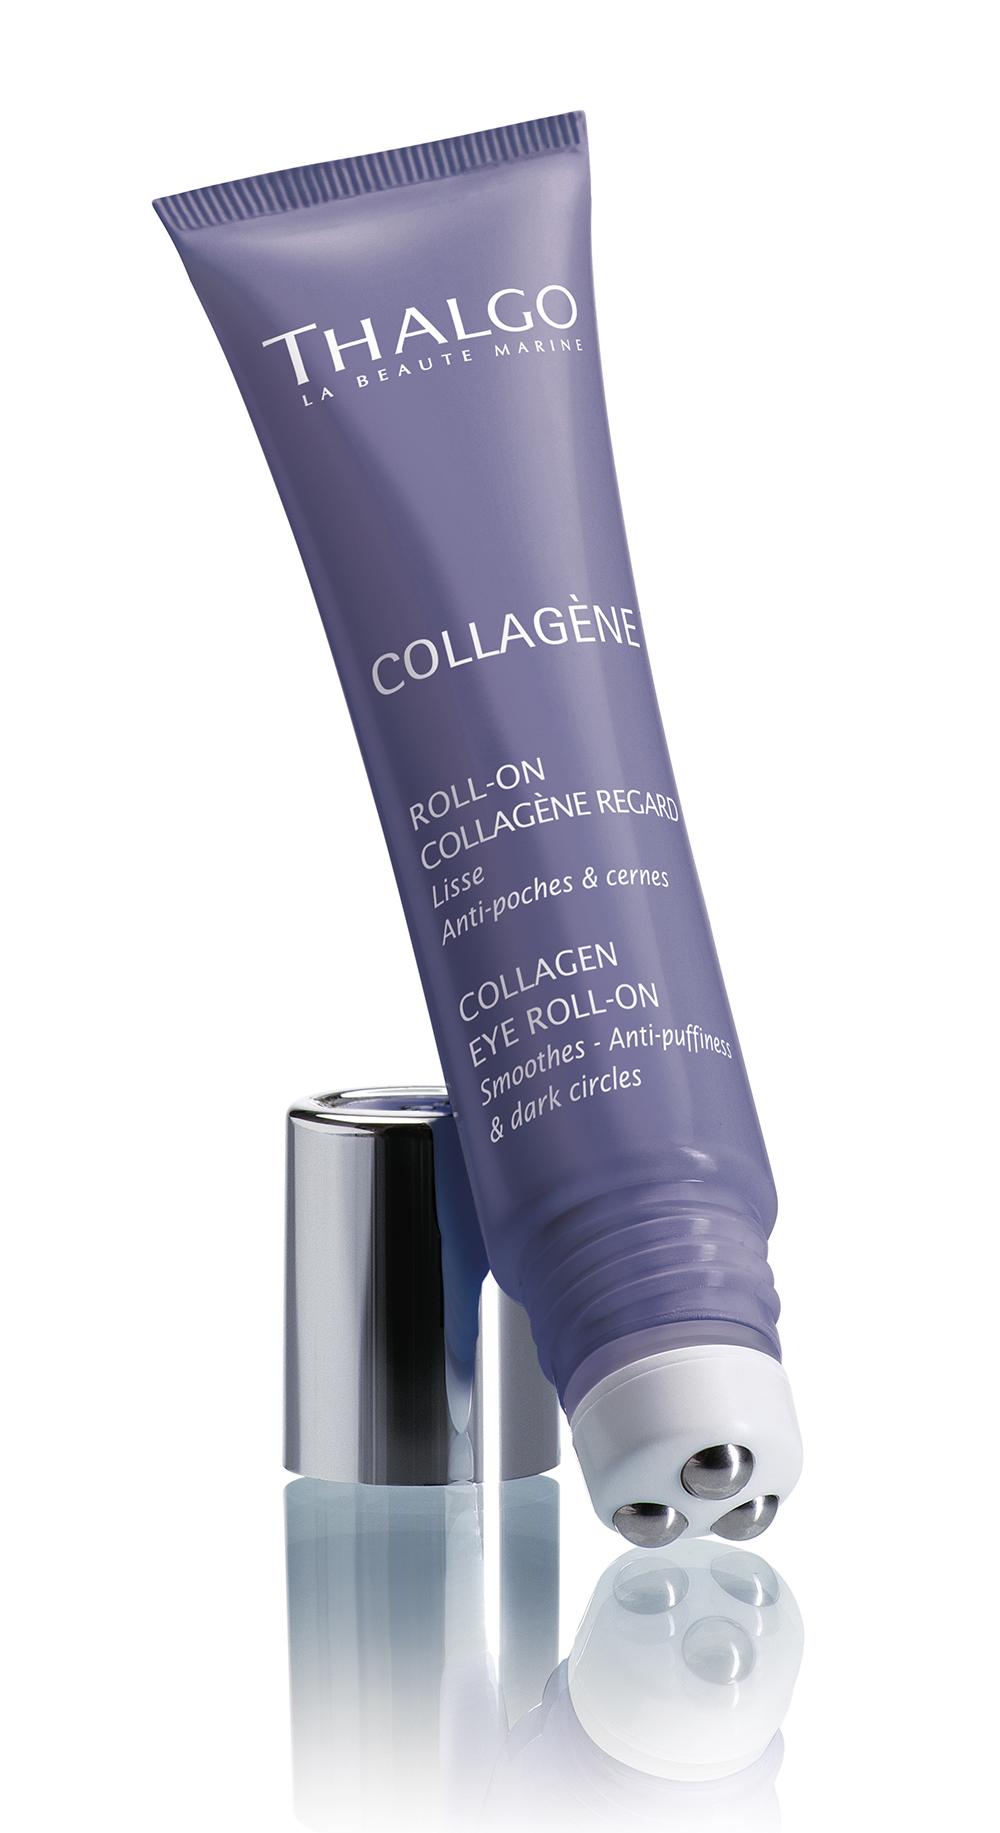 Thalgo Коллагеновый гель c роликовым аппликатором для глаз Collagen Eye Roll-on